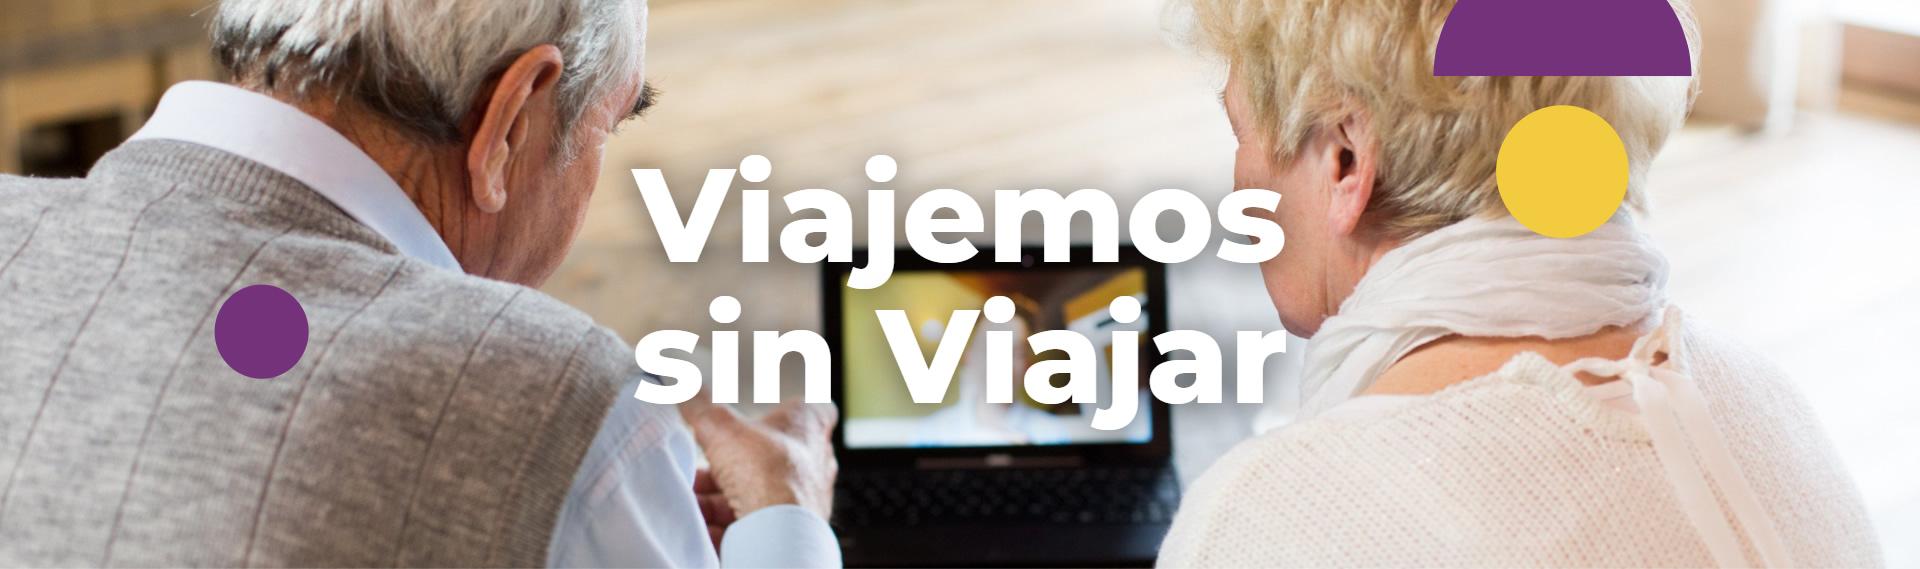 Imagen de portada de sección Viajemos sin viajar - Se visualiza una pareja de adultos mayores frente a tablet